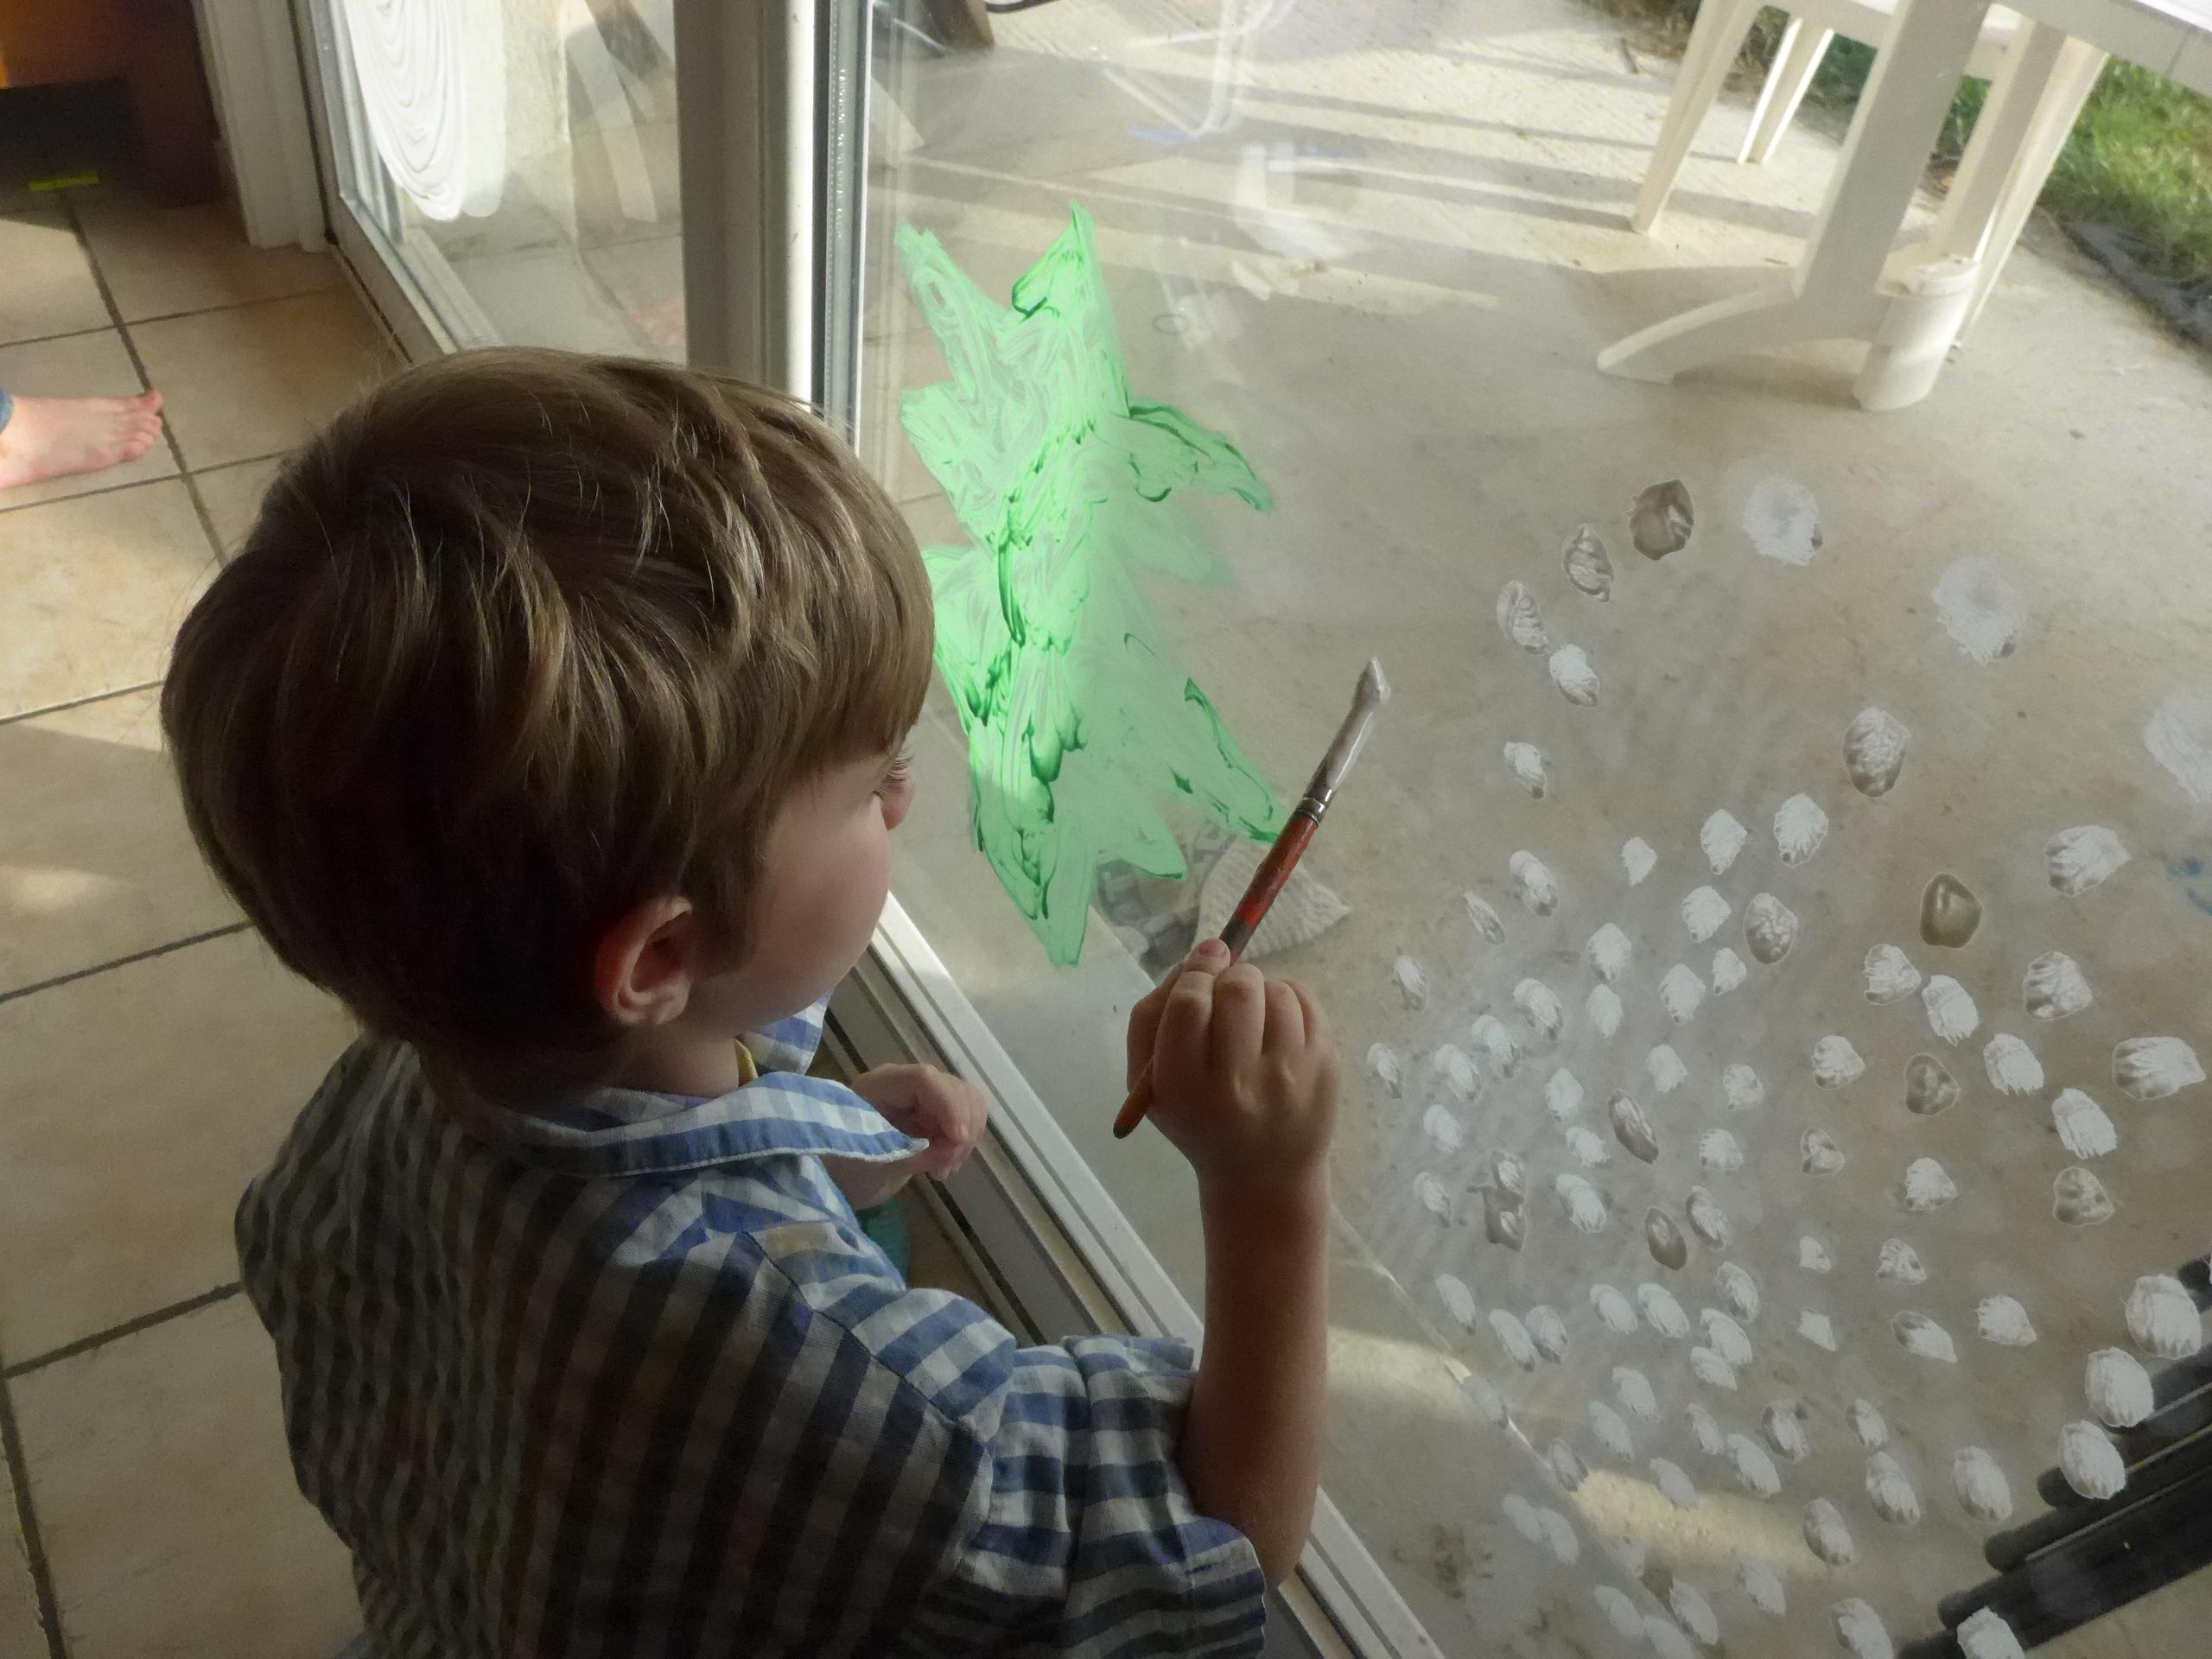 #458651 Peindre Sur Les Vitres Des Décors De Noël Activités à La  5491 décorations de noel pour vitres 2560x1920 px @ aertt.com